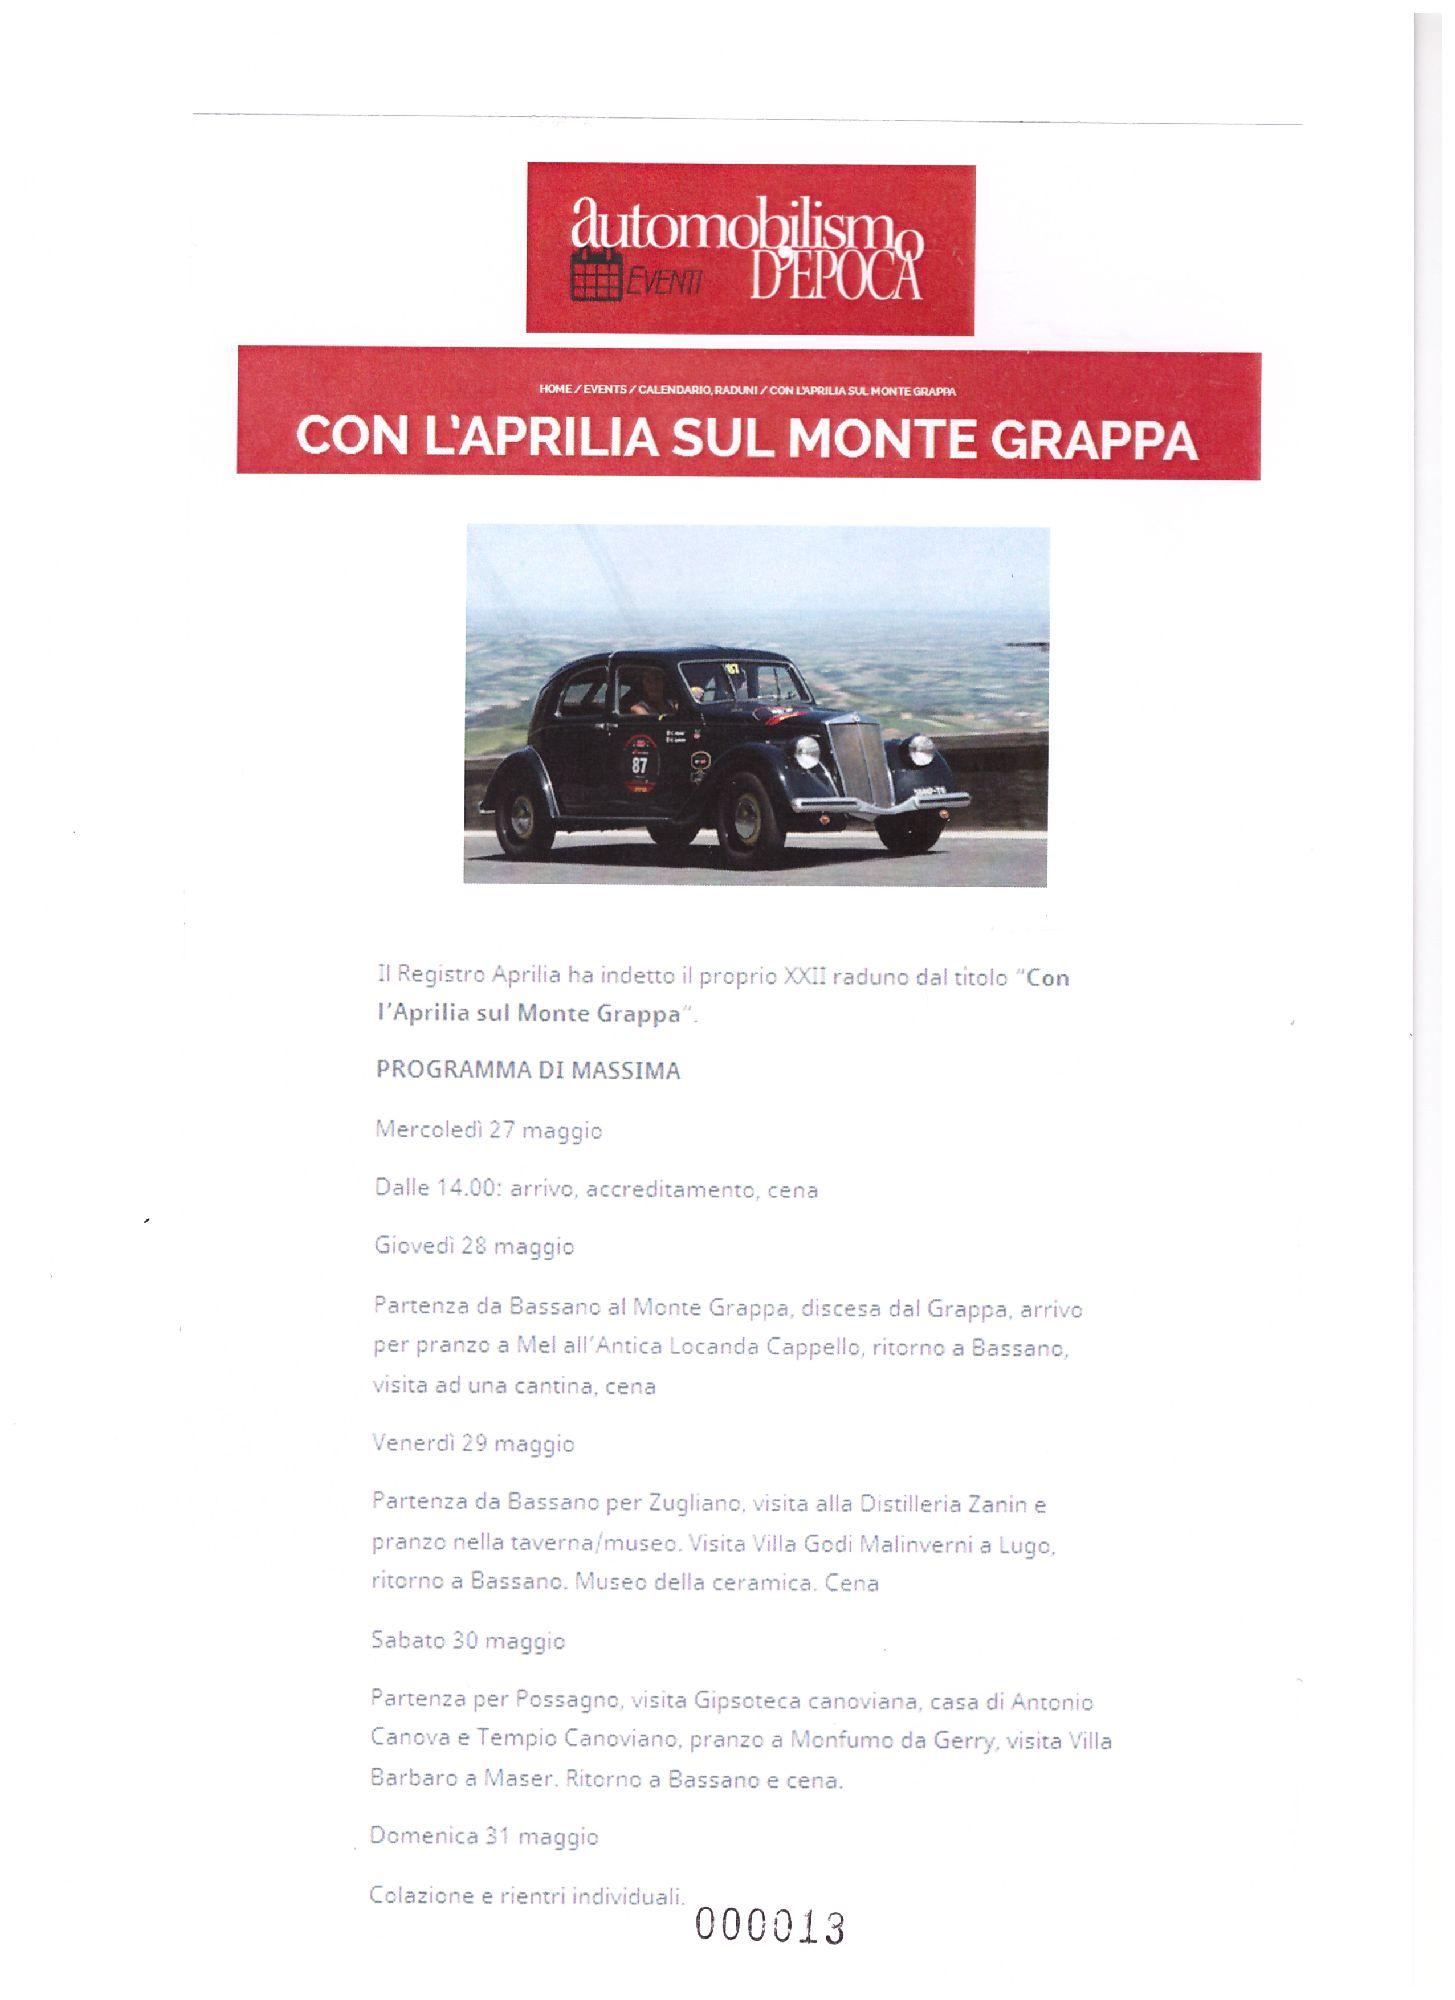 http://www.registroaprilia.it/wp-content/uploads/2016/01/Pag.-13.jpg